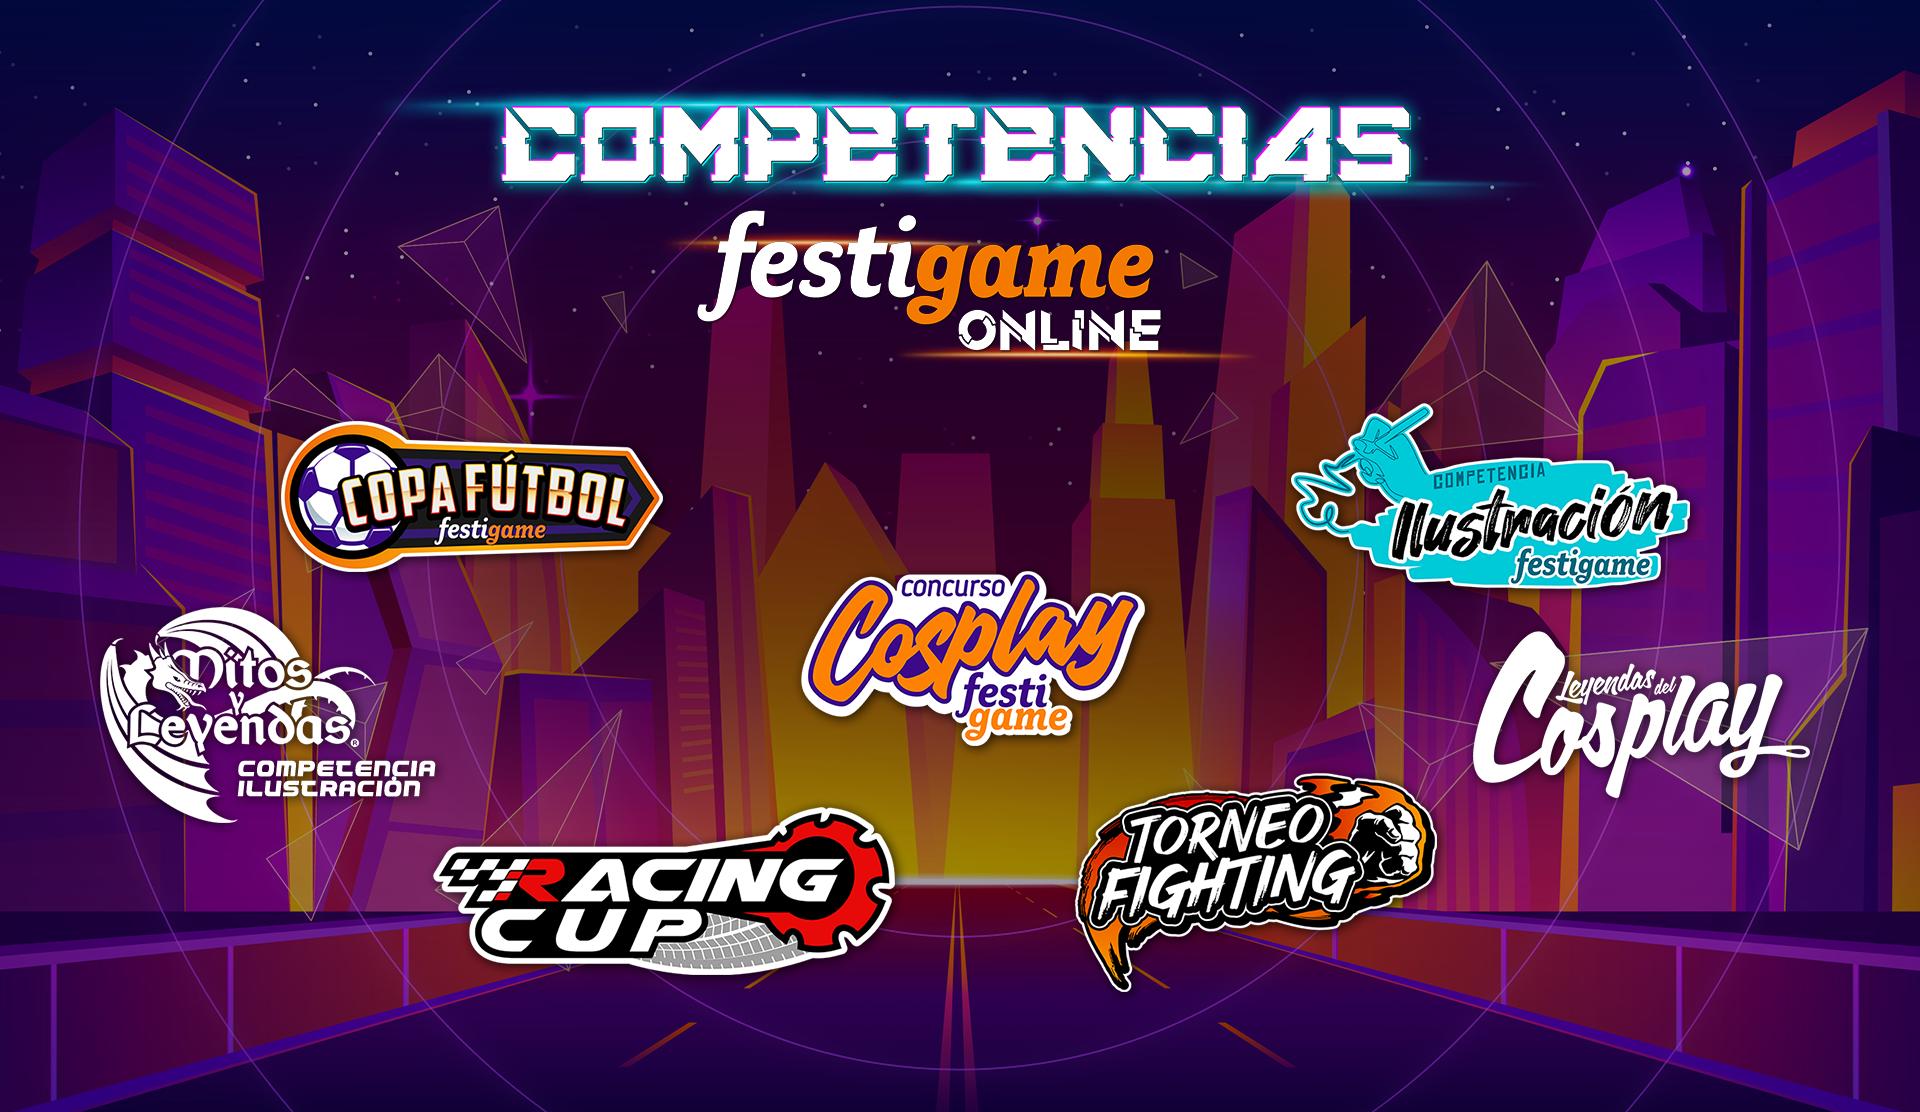 FGonline_Competencias General_sinllamado(horizontal)